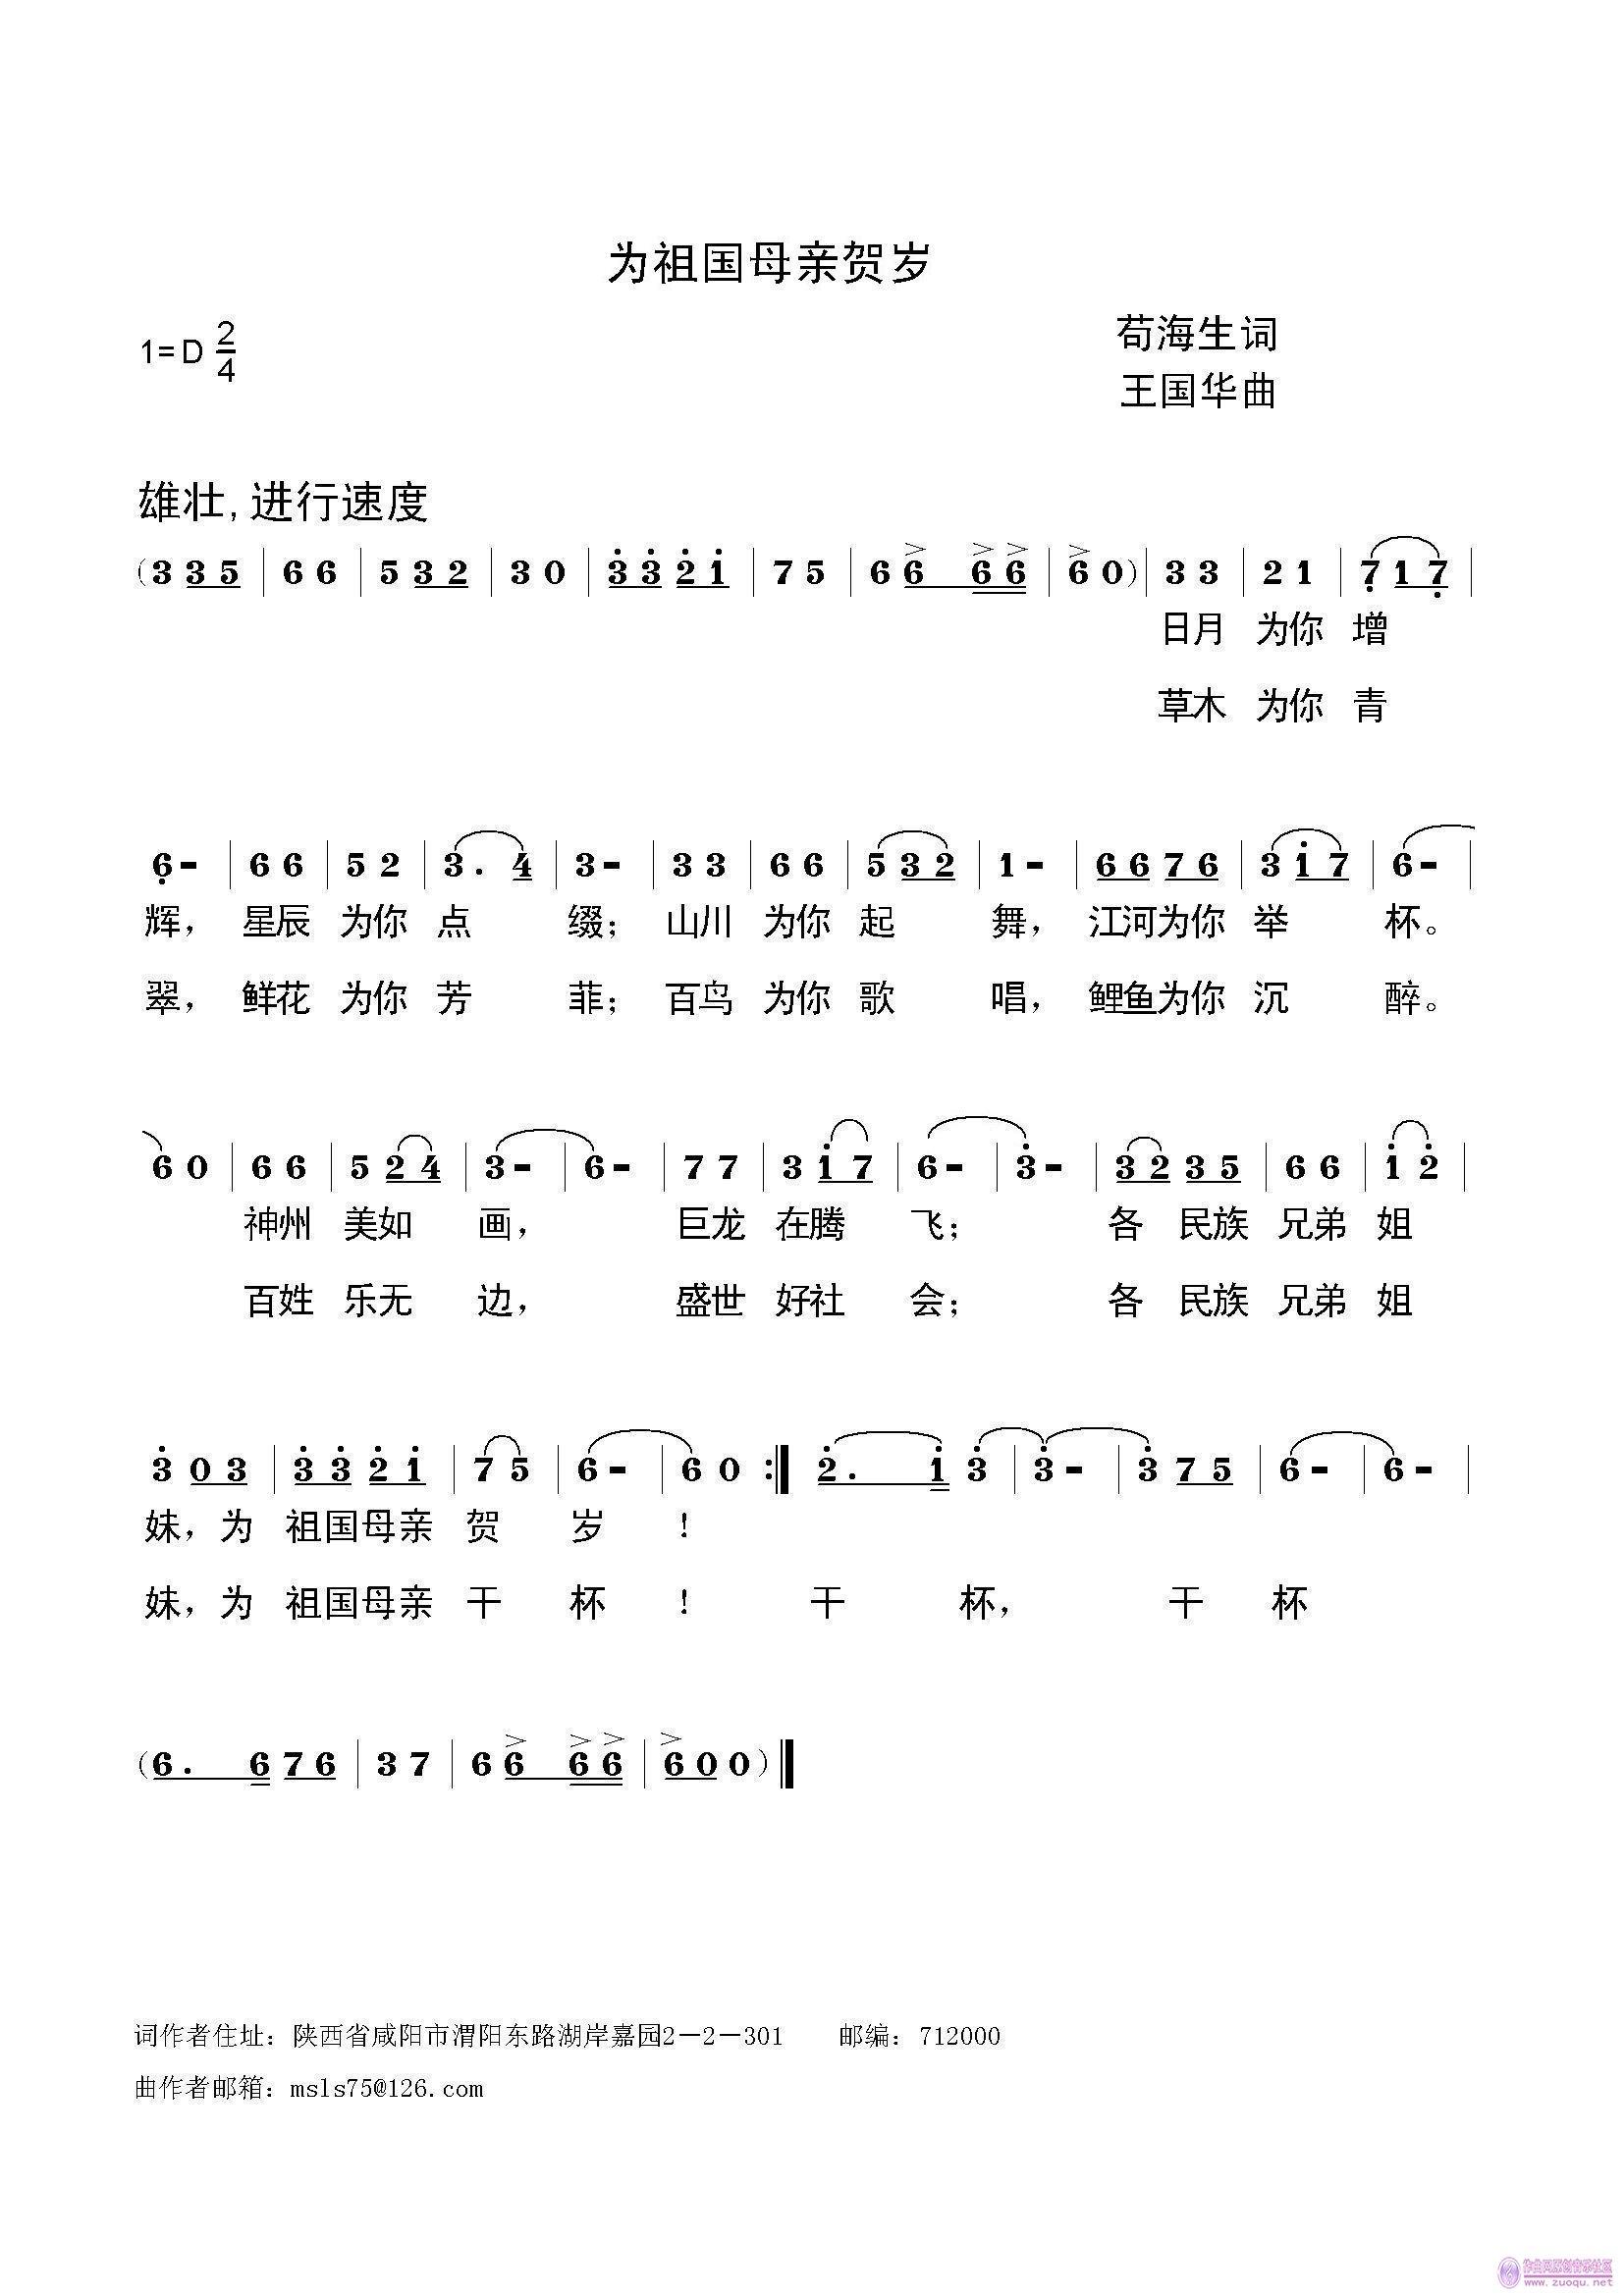 祖国母亲贺岁 原创作曲QQ群 53698339 原创音乐曲谱